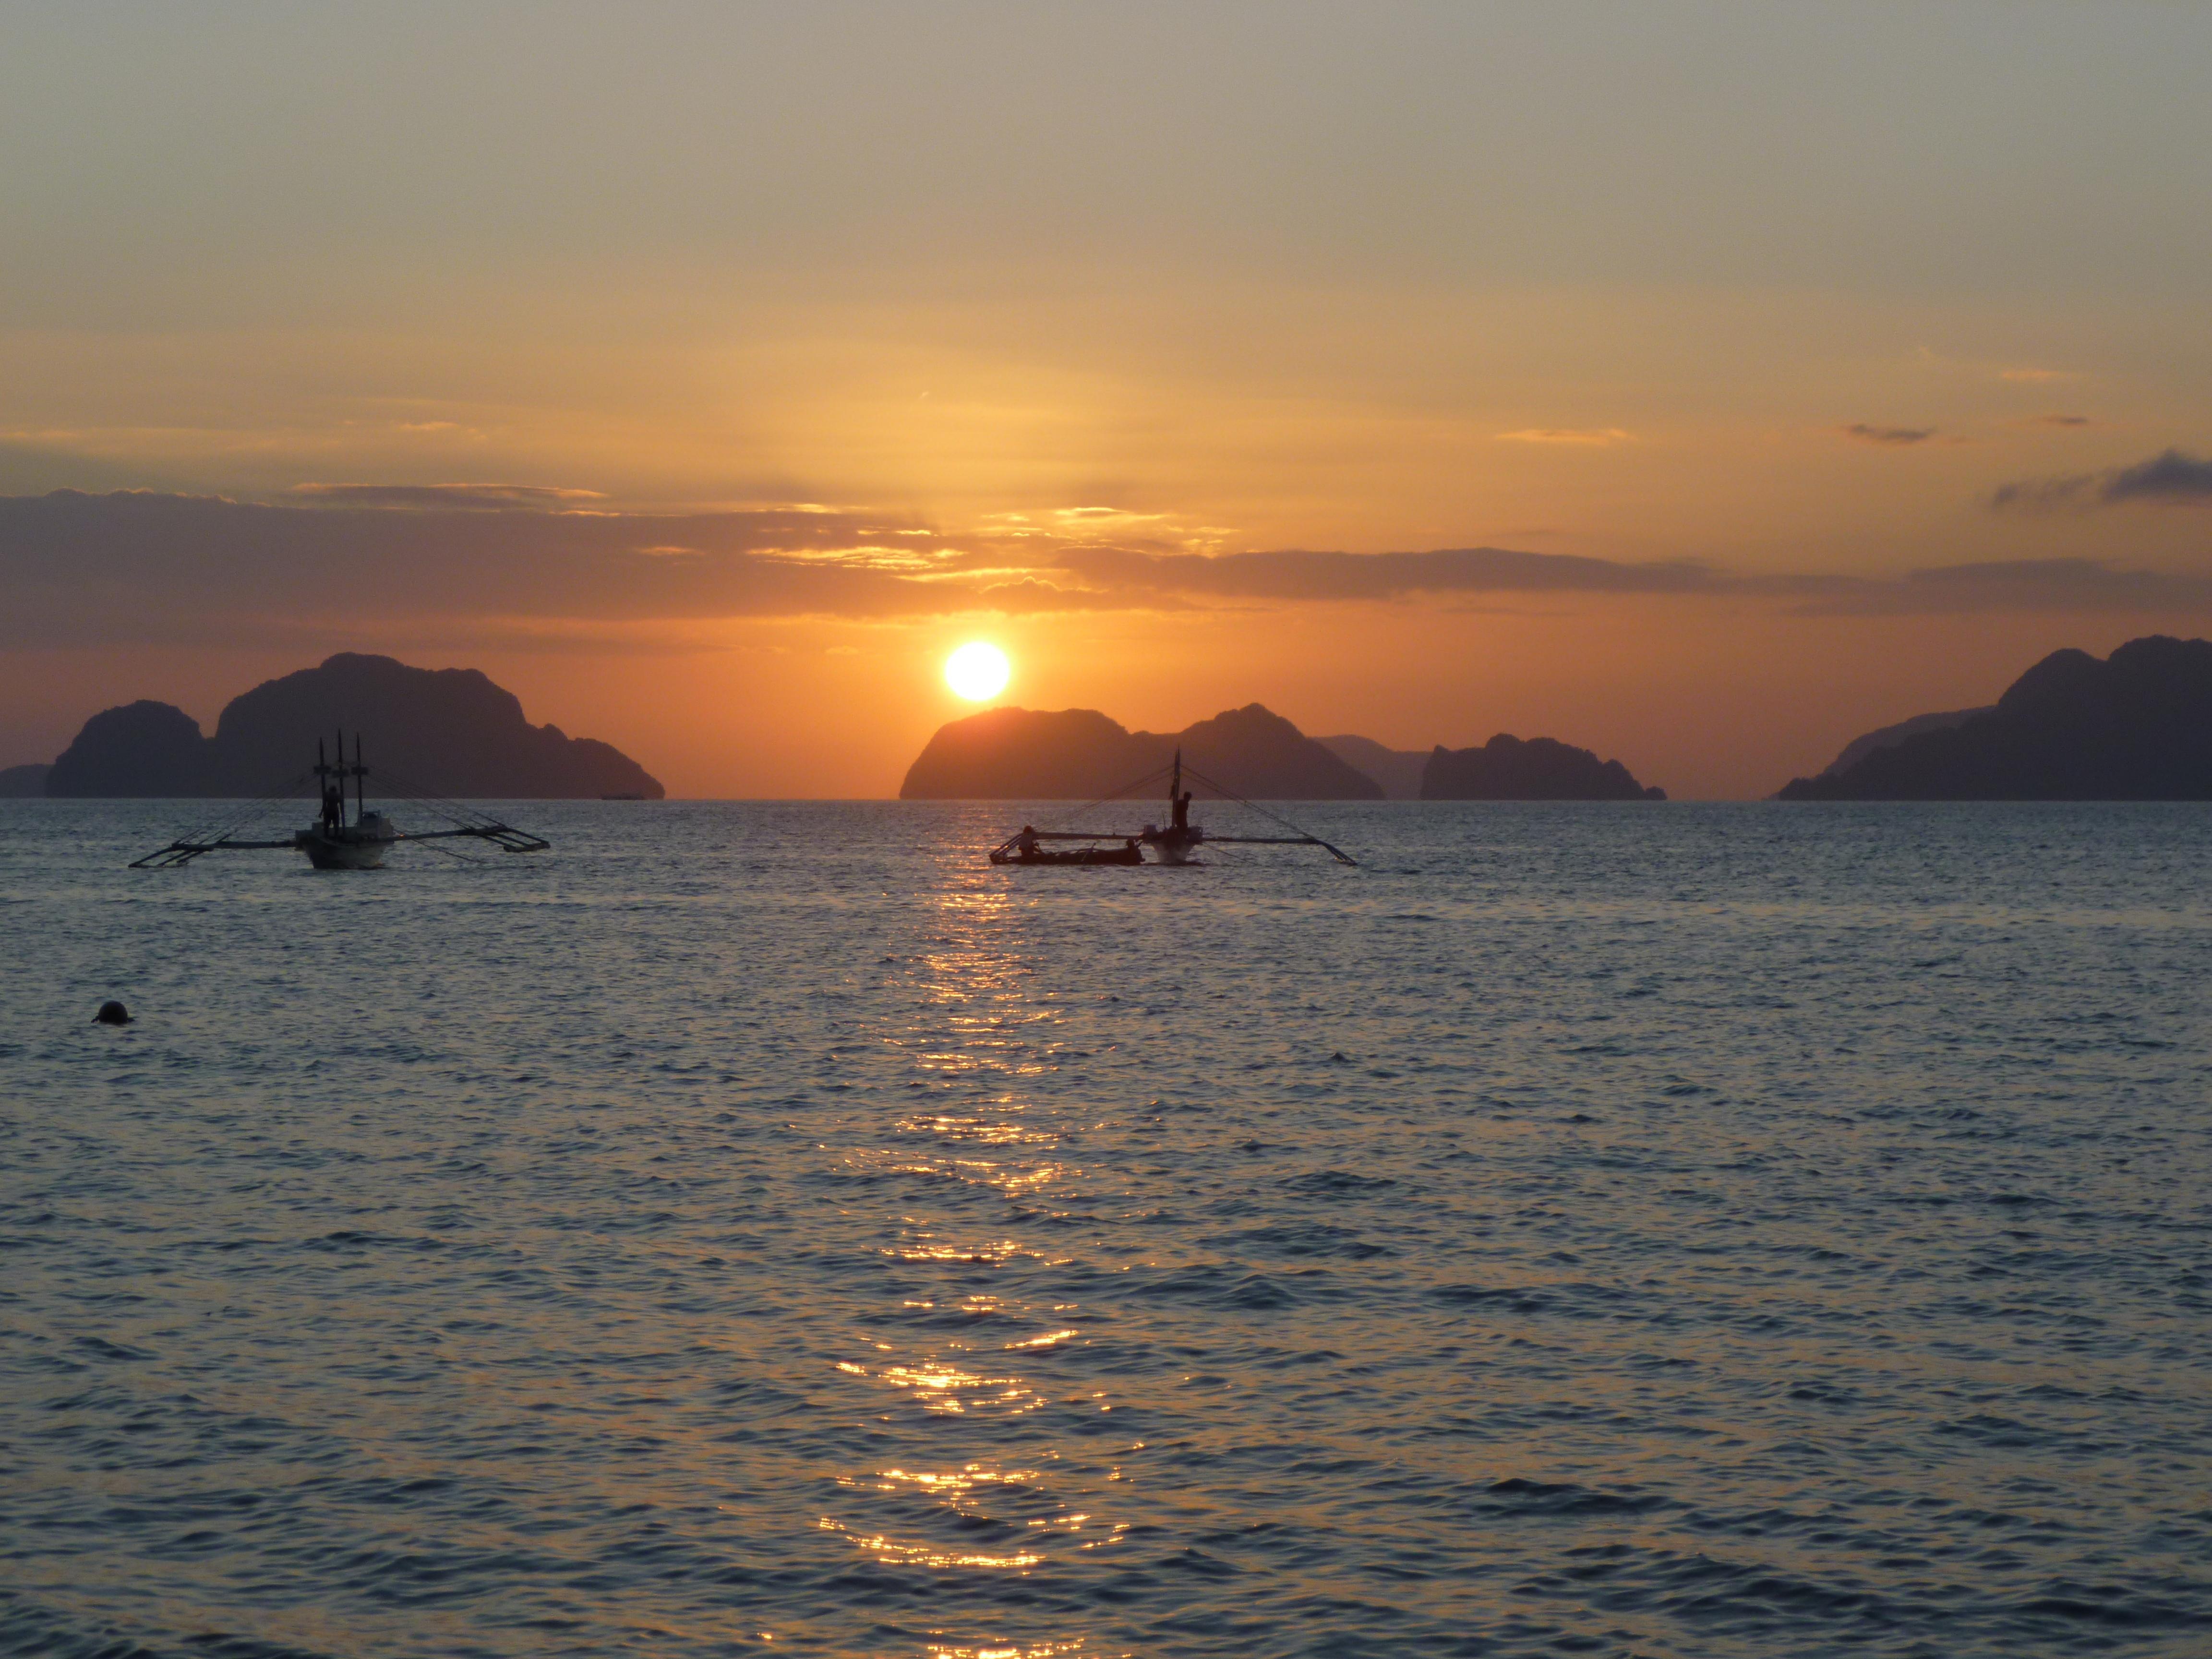 coucher de soleil sur la baie de Bacuit depuis chez Avelina